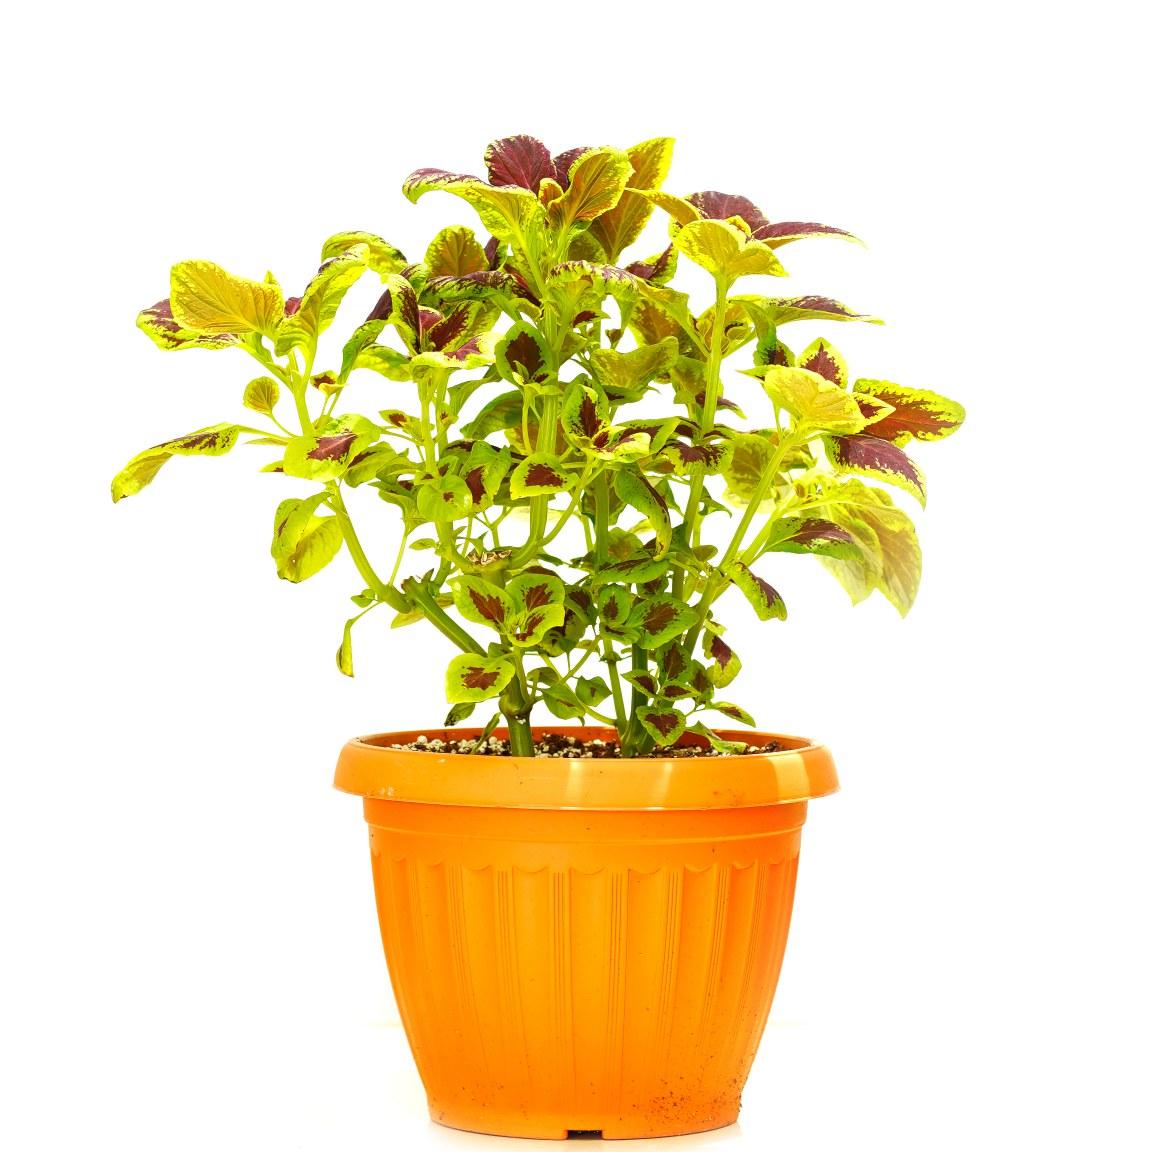 كوليوس 'نباتات داخلية'